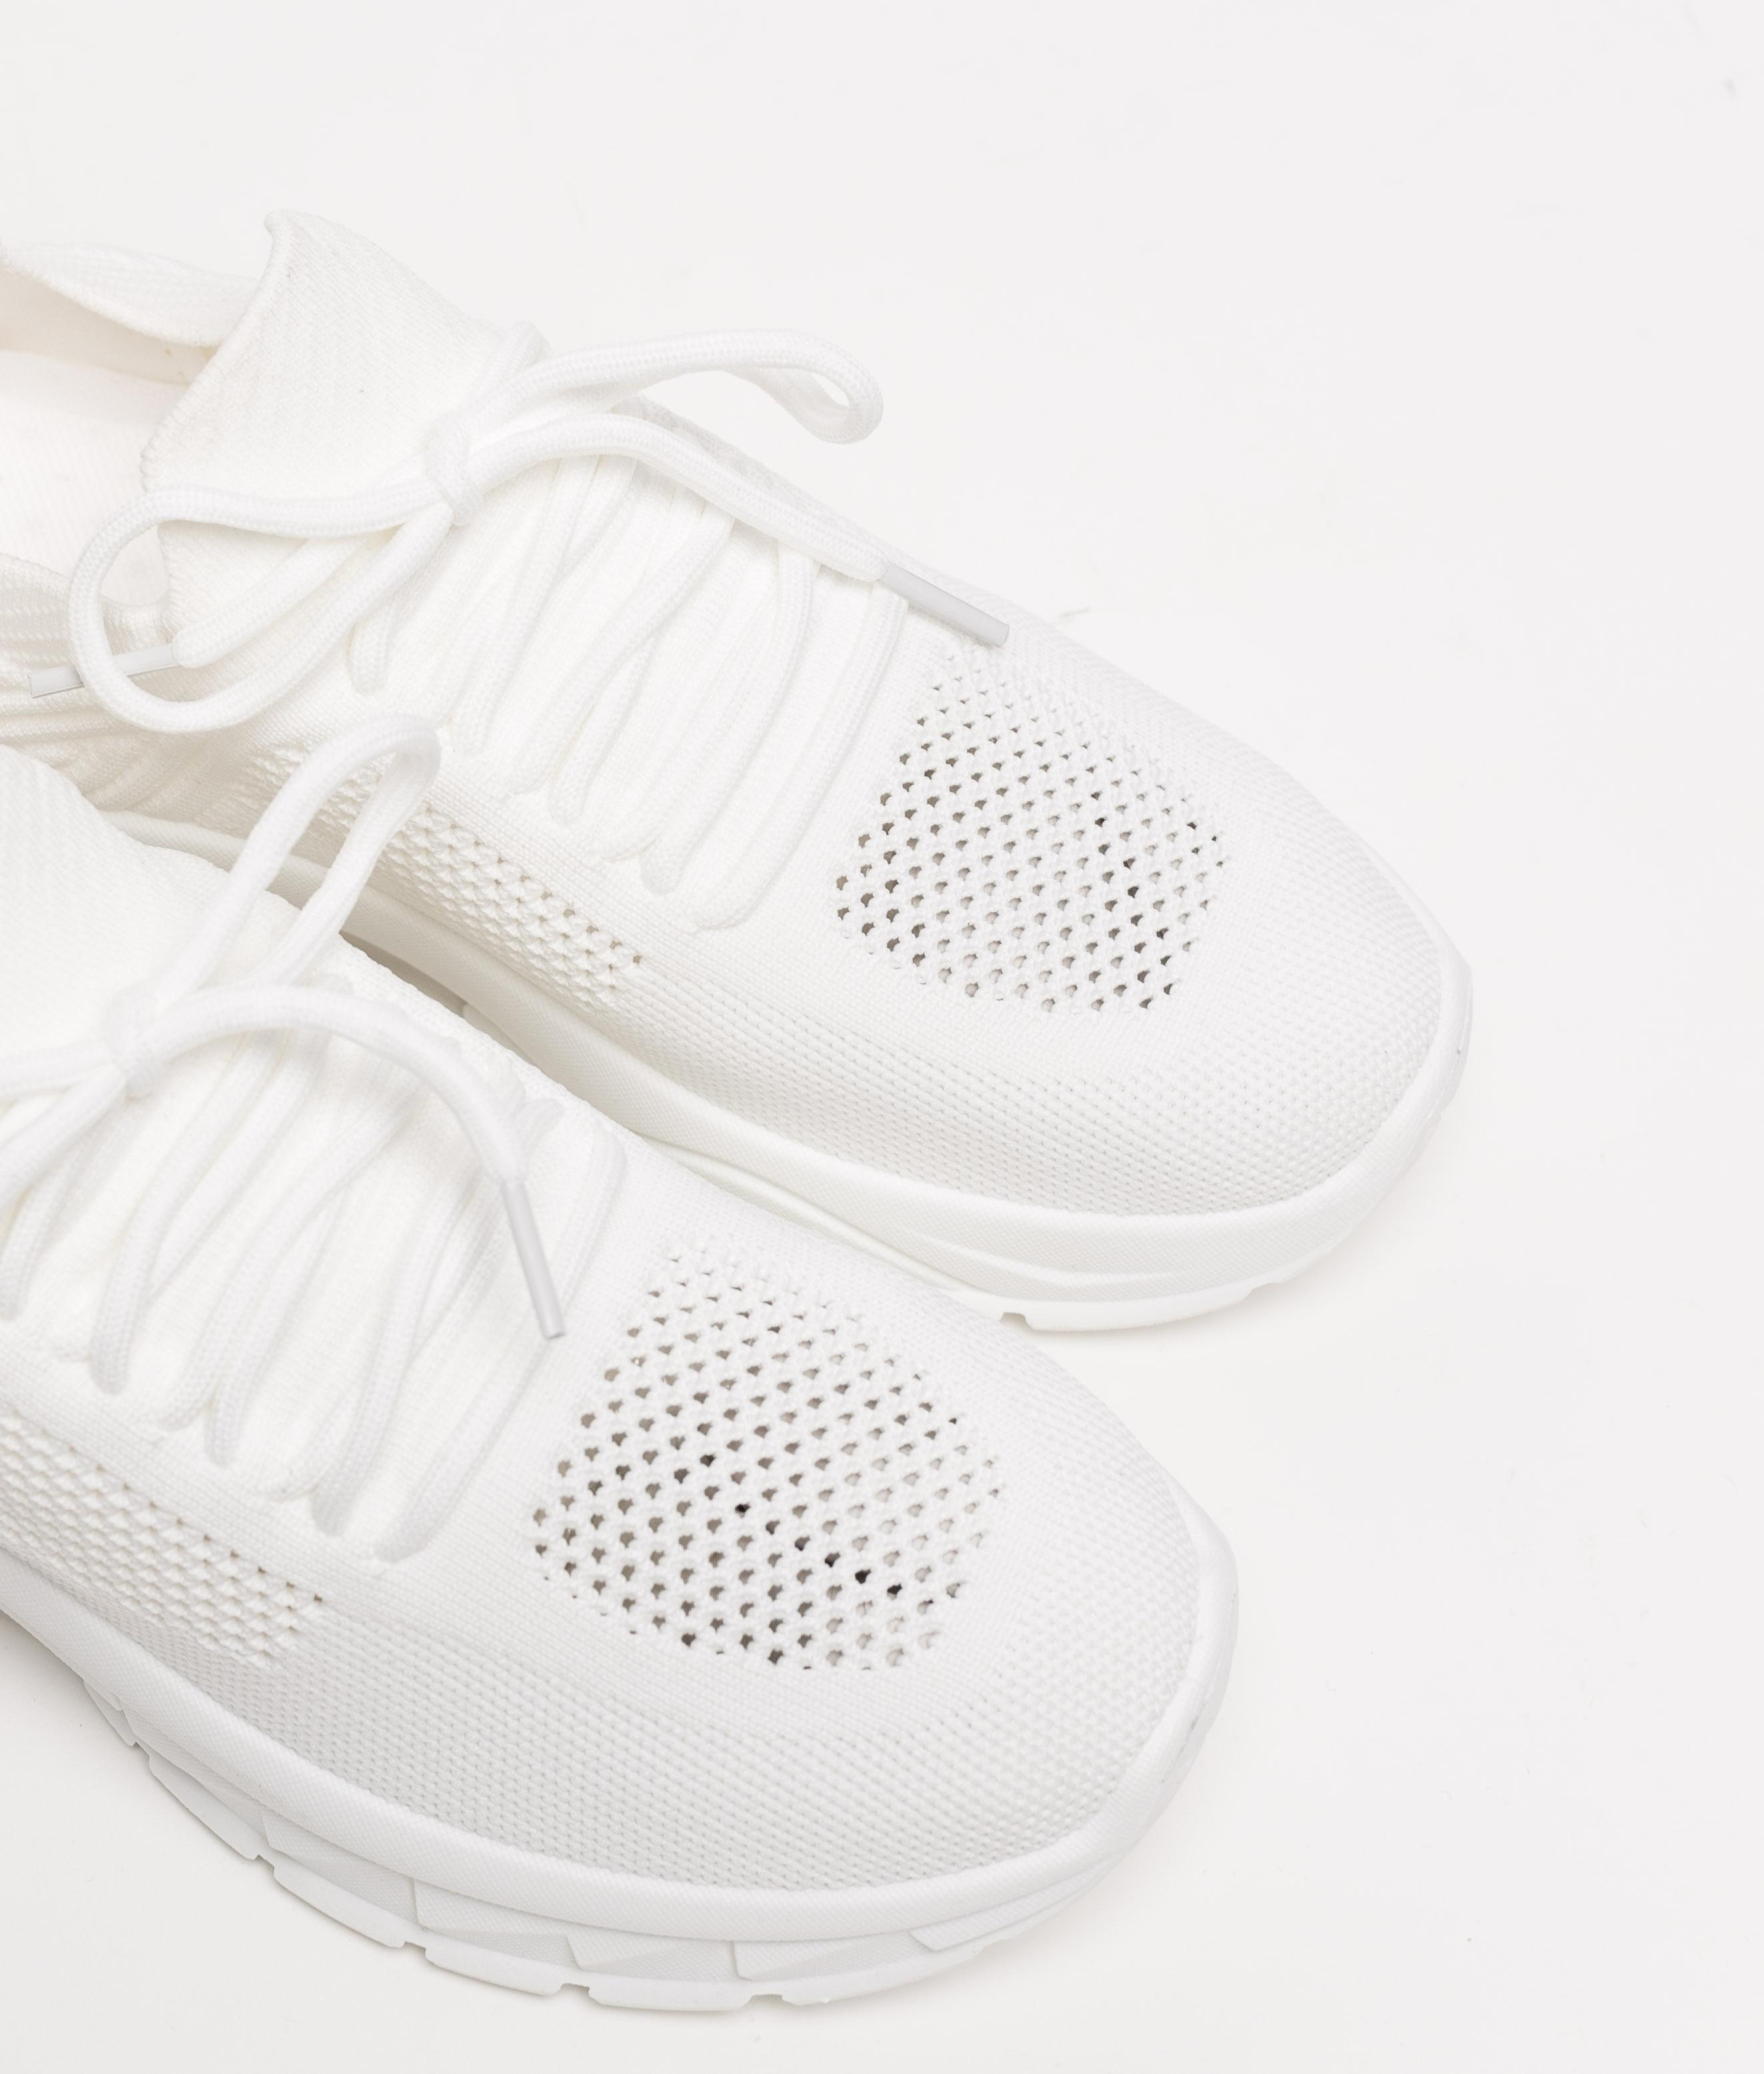 Sneakers Regol - Blanc